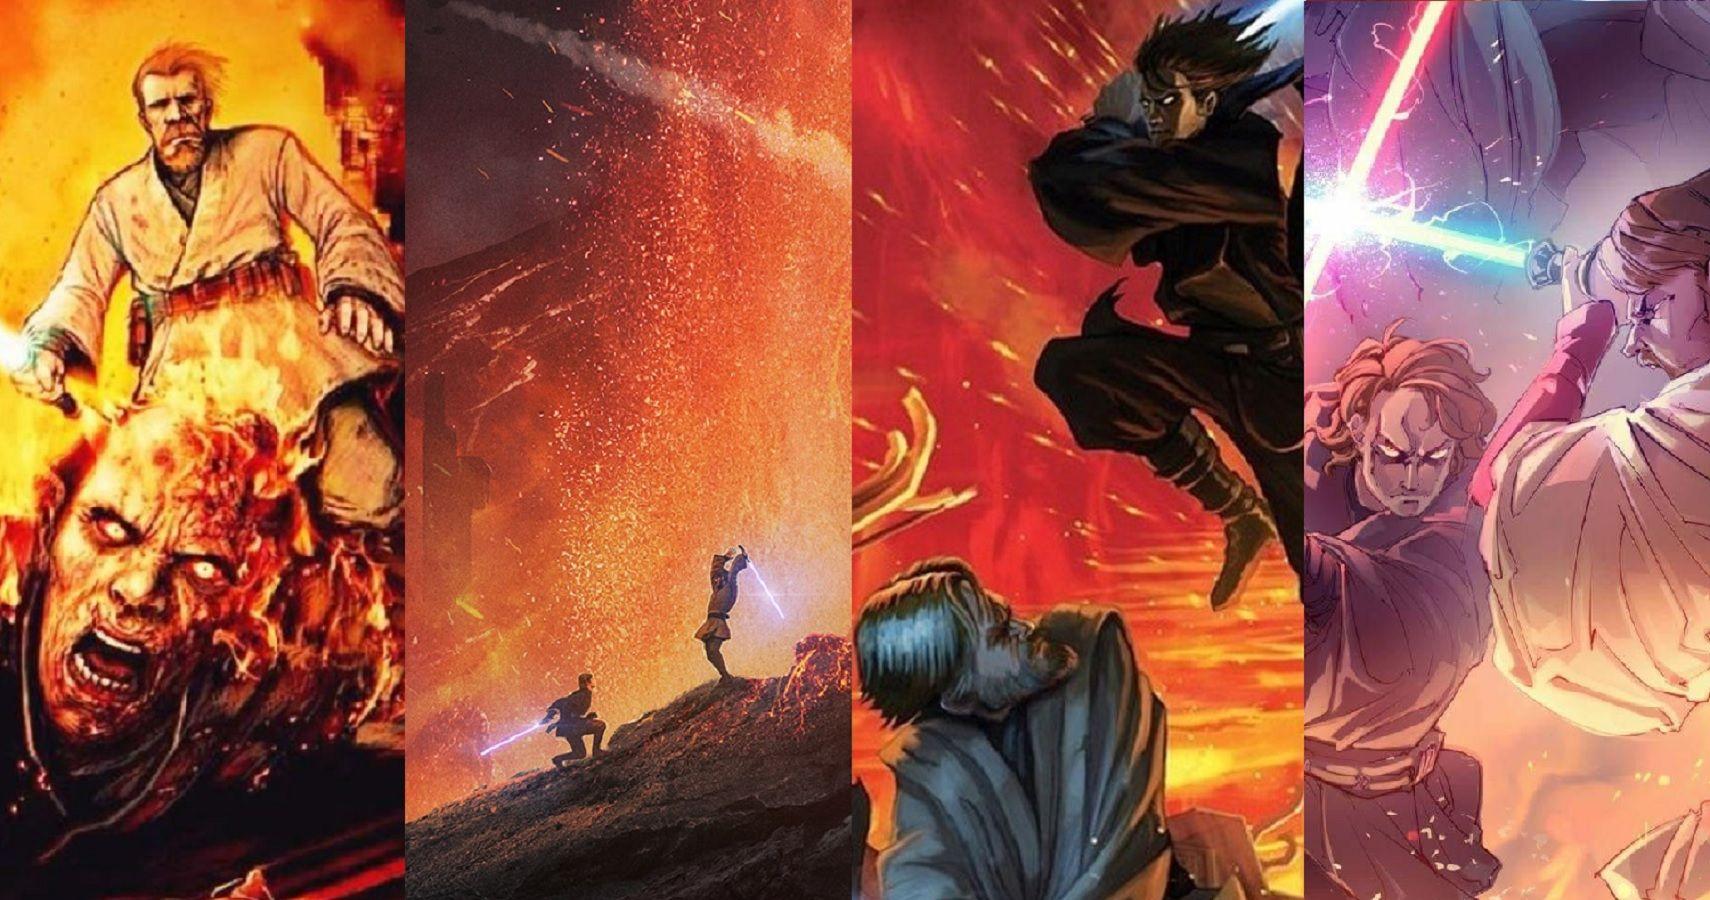 Star Wars 10 Epic Fan Art Pieces Of Obi Wan Anakin S Duel On Mustafar